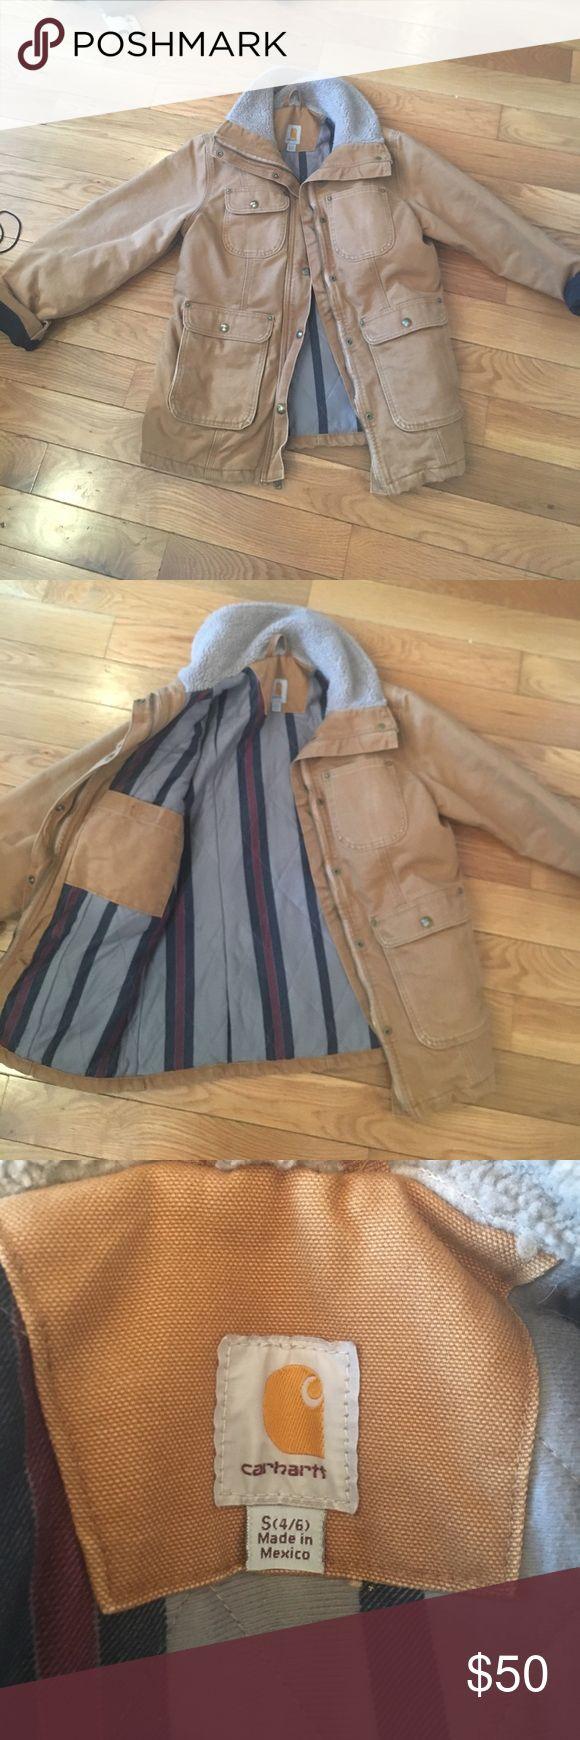 Women's carhartt jacket Women's carhartt jacket size small brand new Carhartt Jackets & Coats Utility Jackets